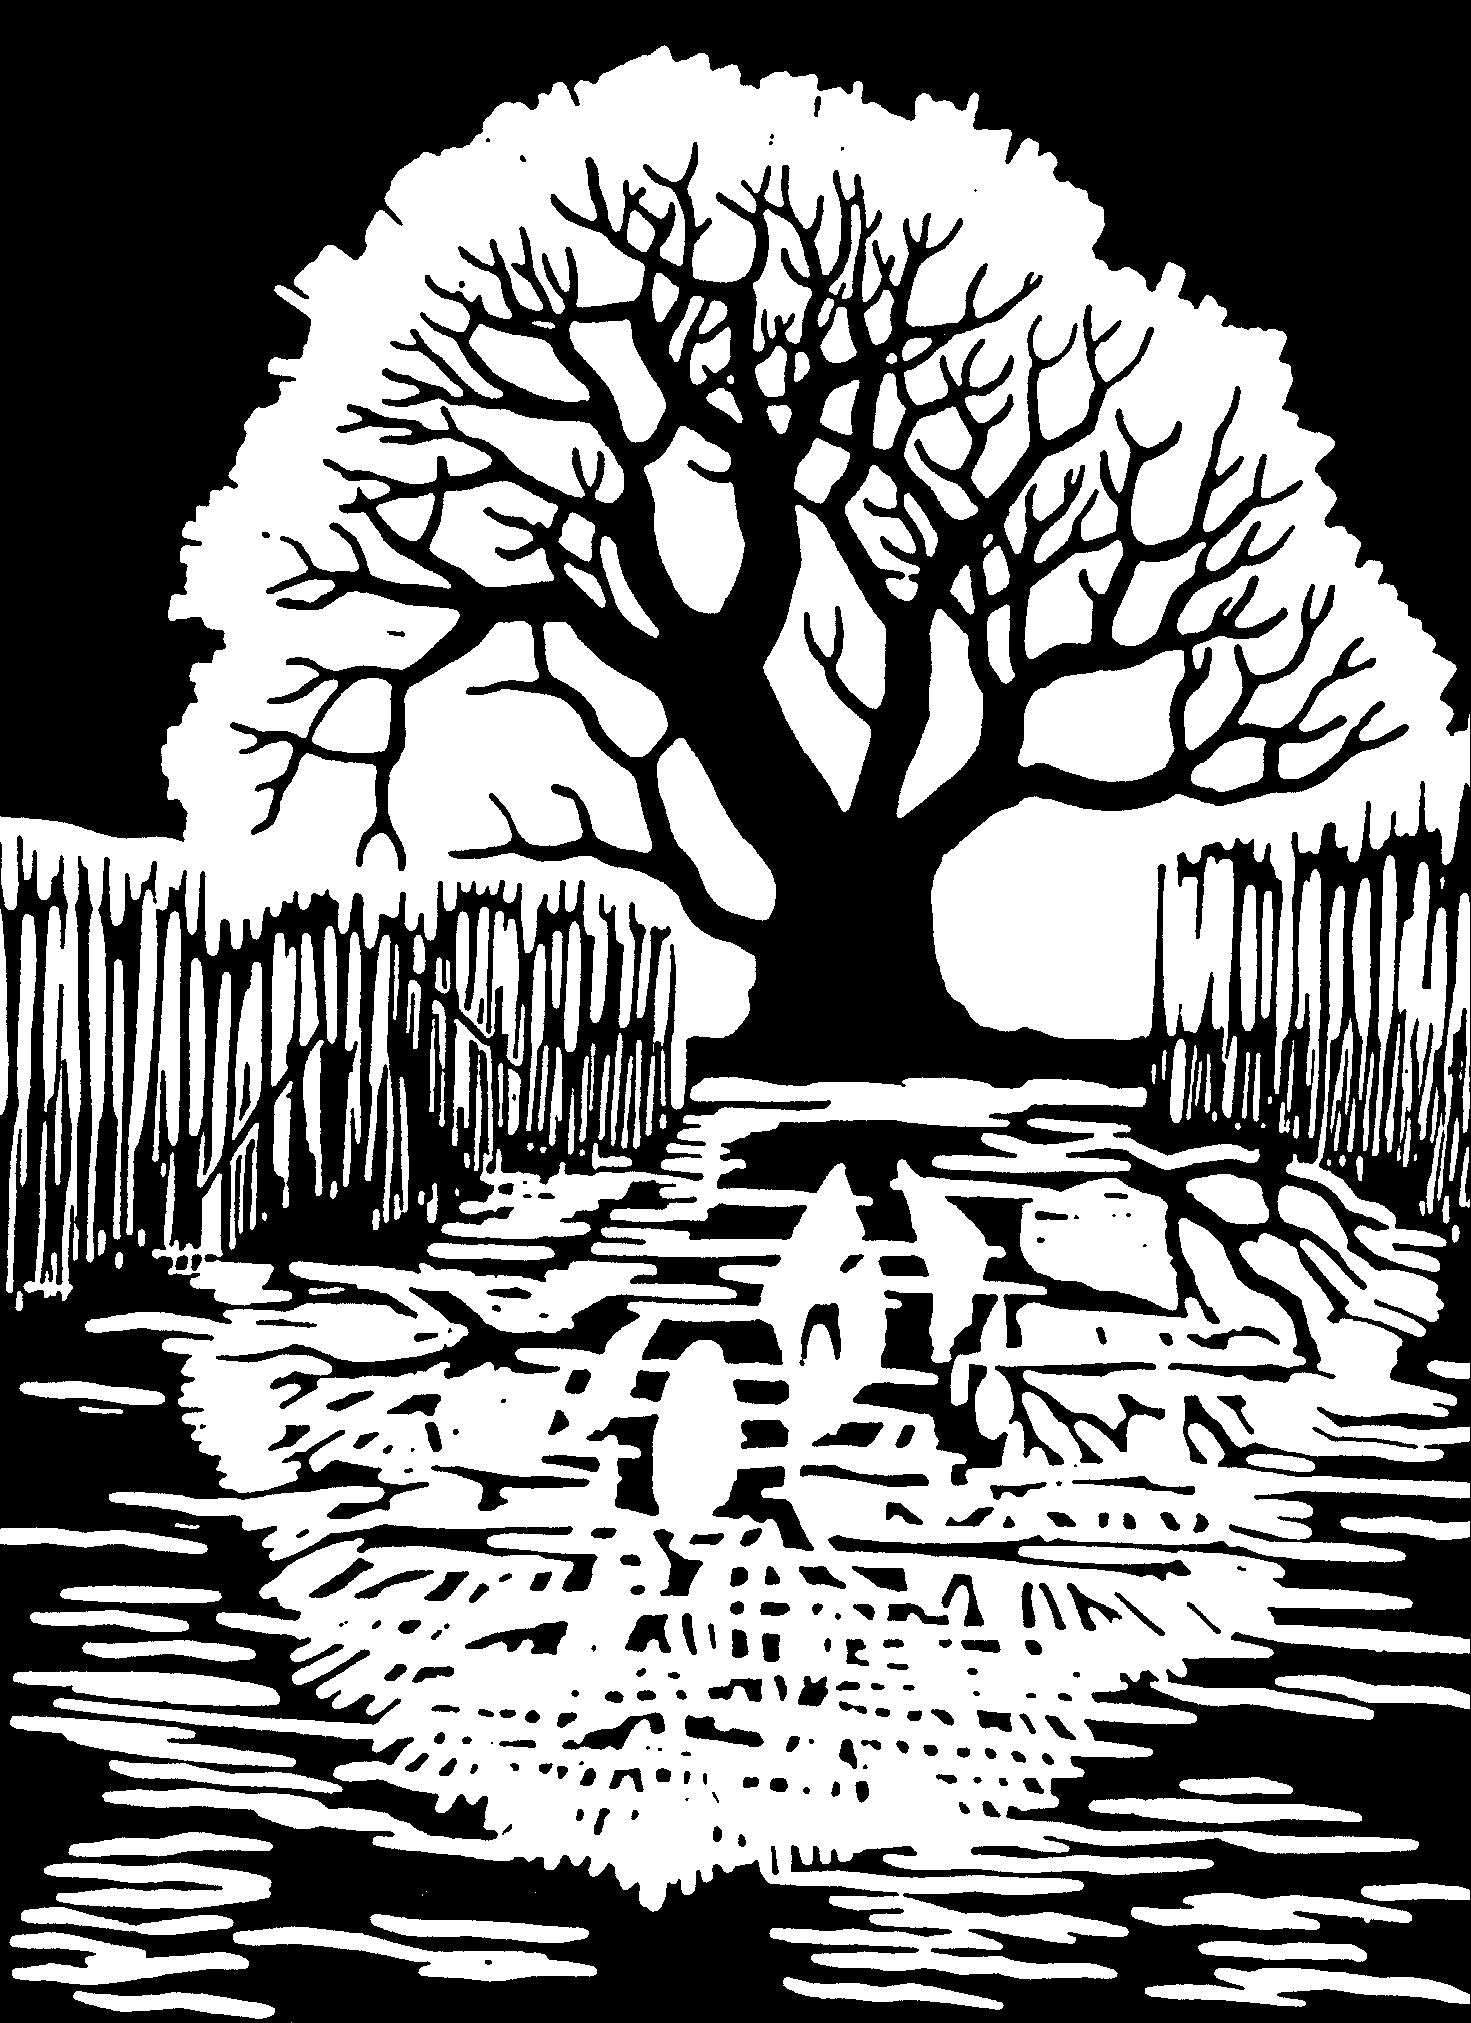 Linocut Wikipedia